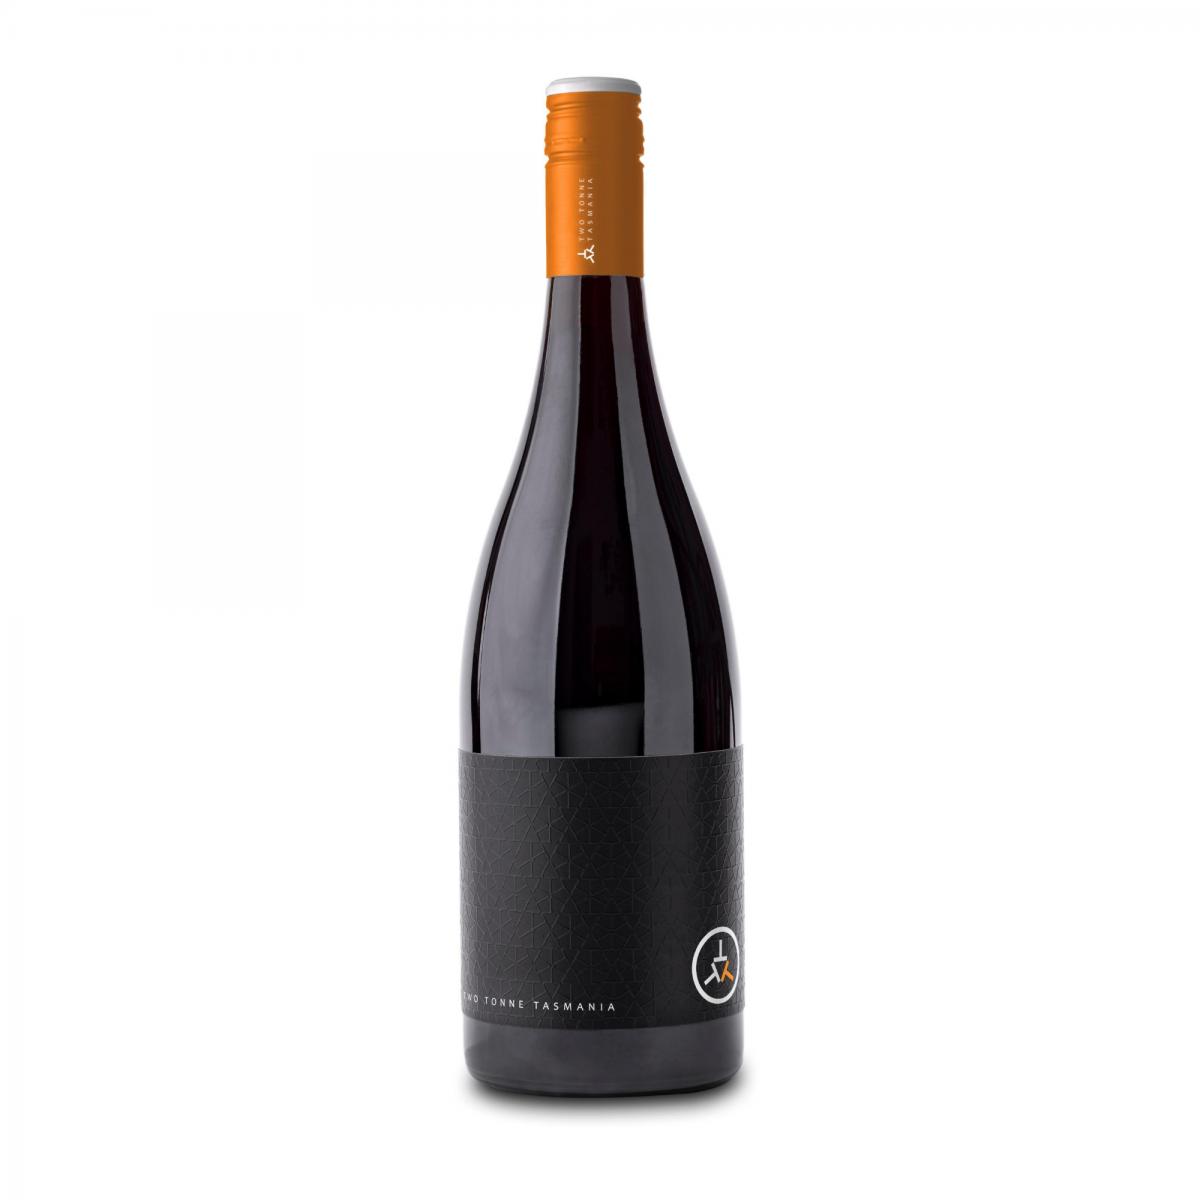 TTT EST Pinot Noir 2019